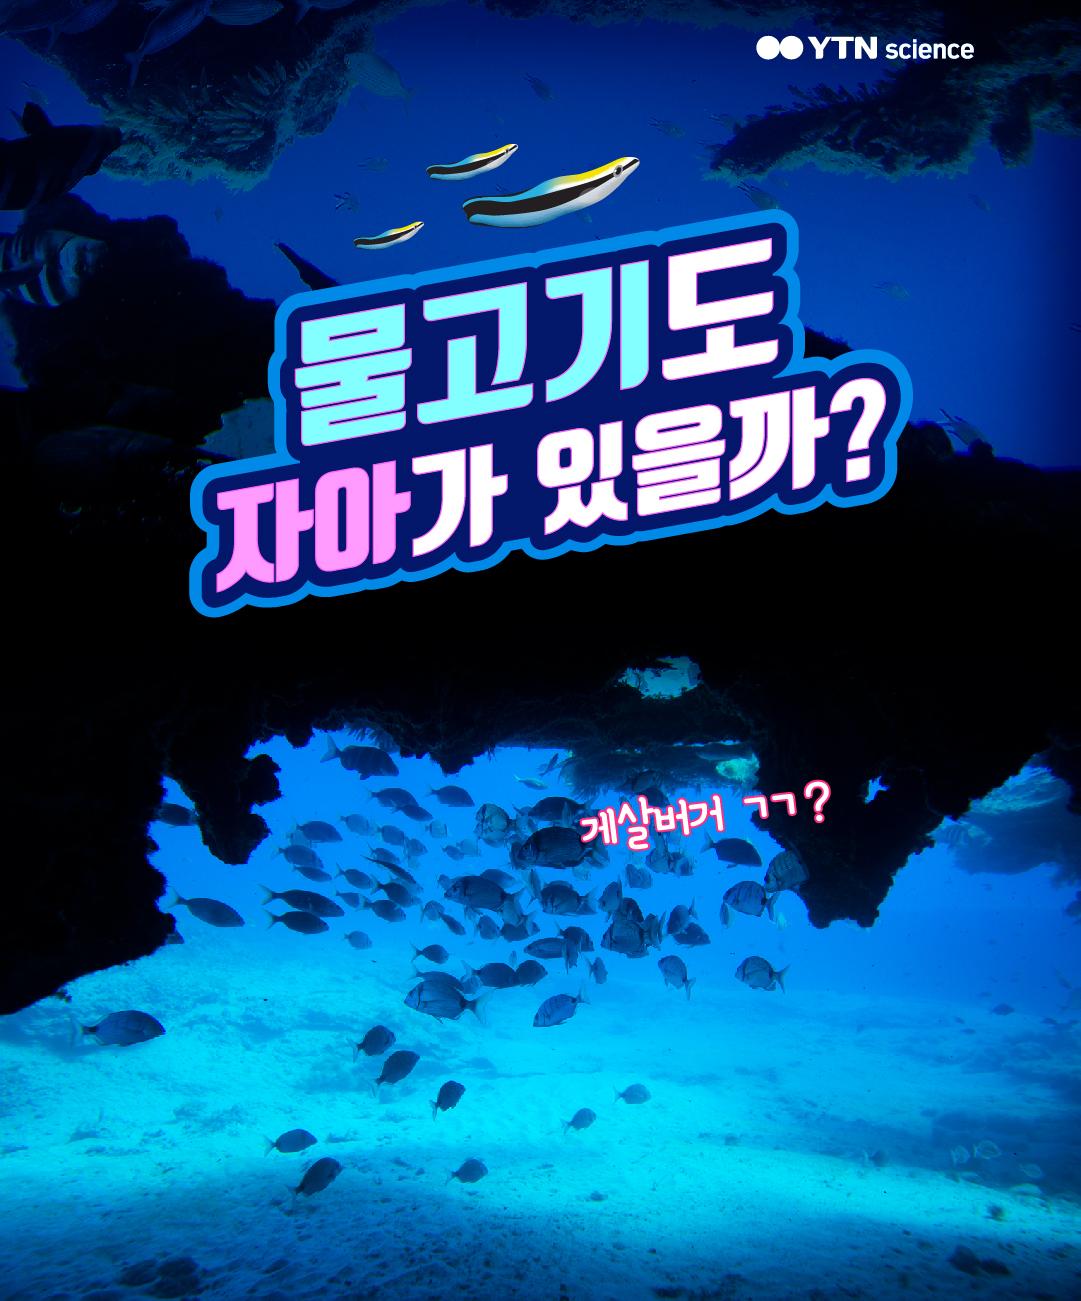 물고기도 자아가 있을까? 이미지